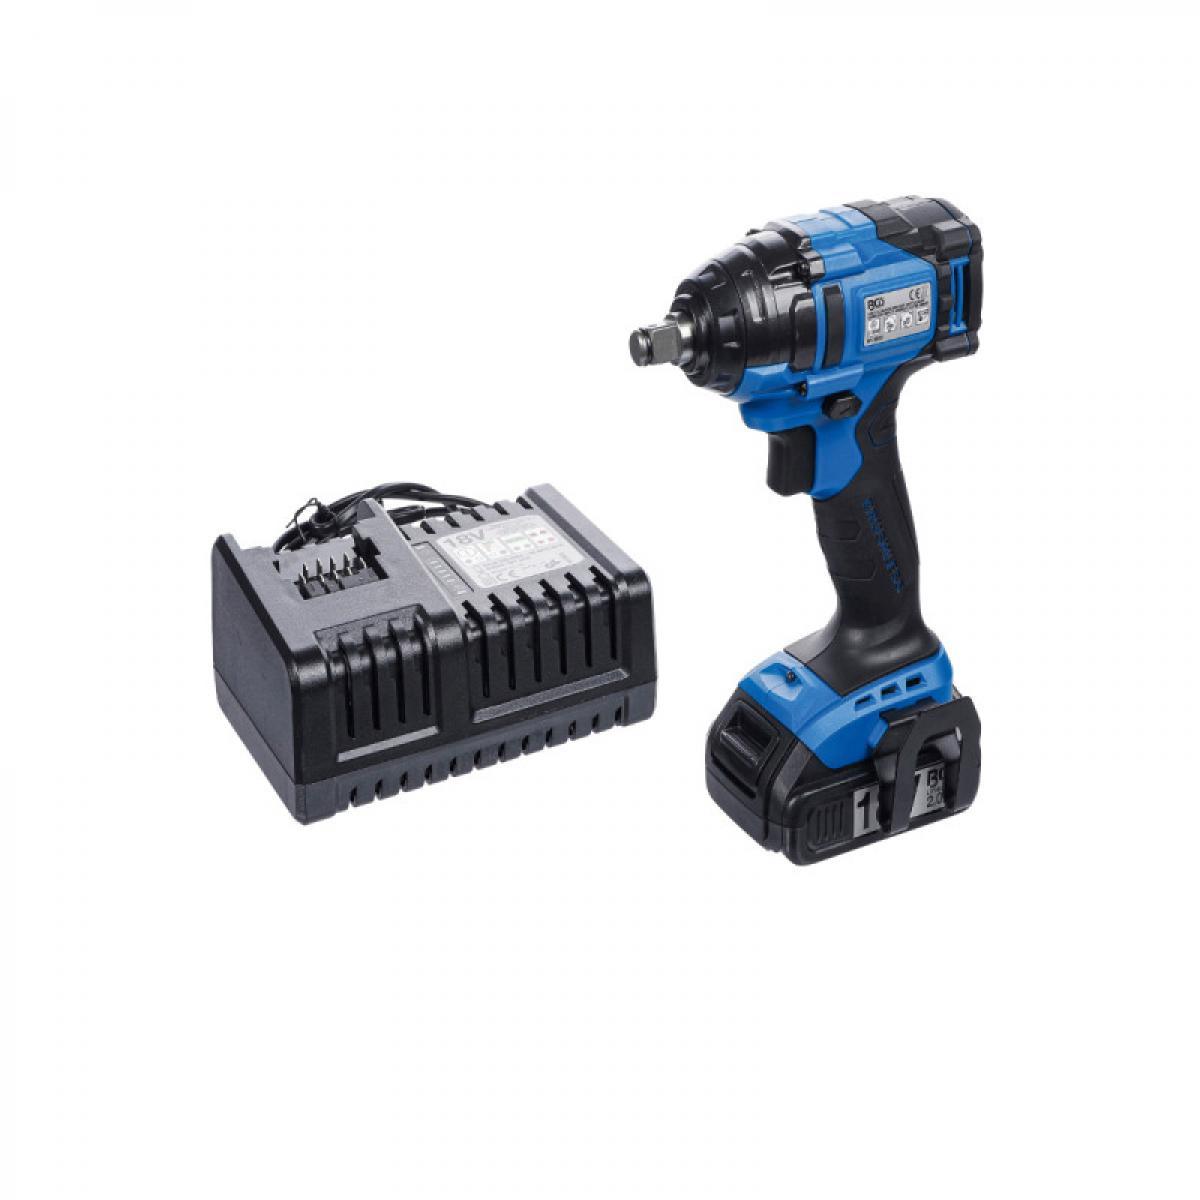 Bgs Clé à choc BGS 18V 250Nm - Batterie et chargeur inclus - 9928